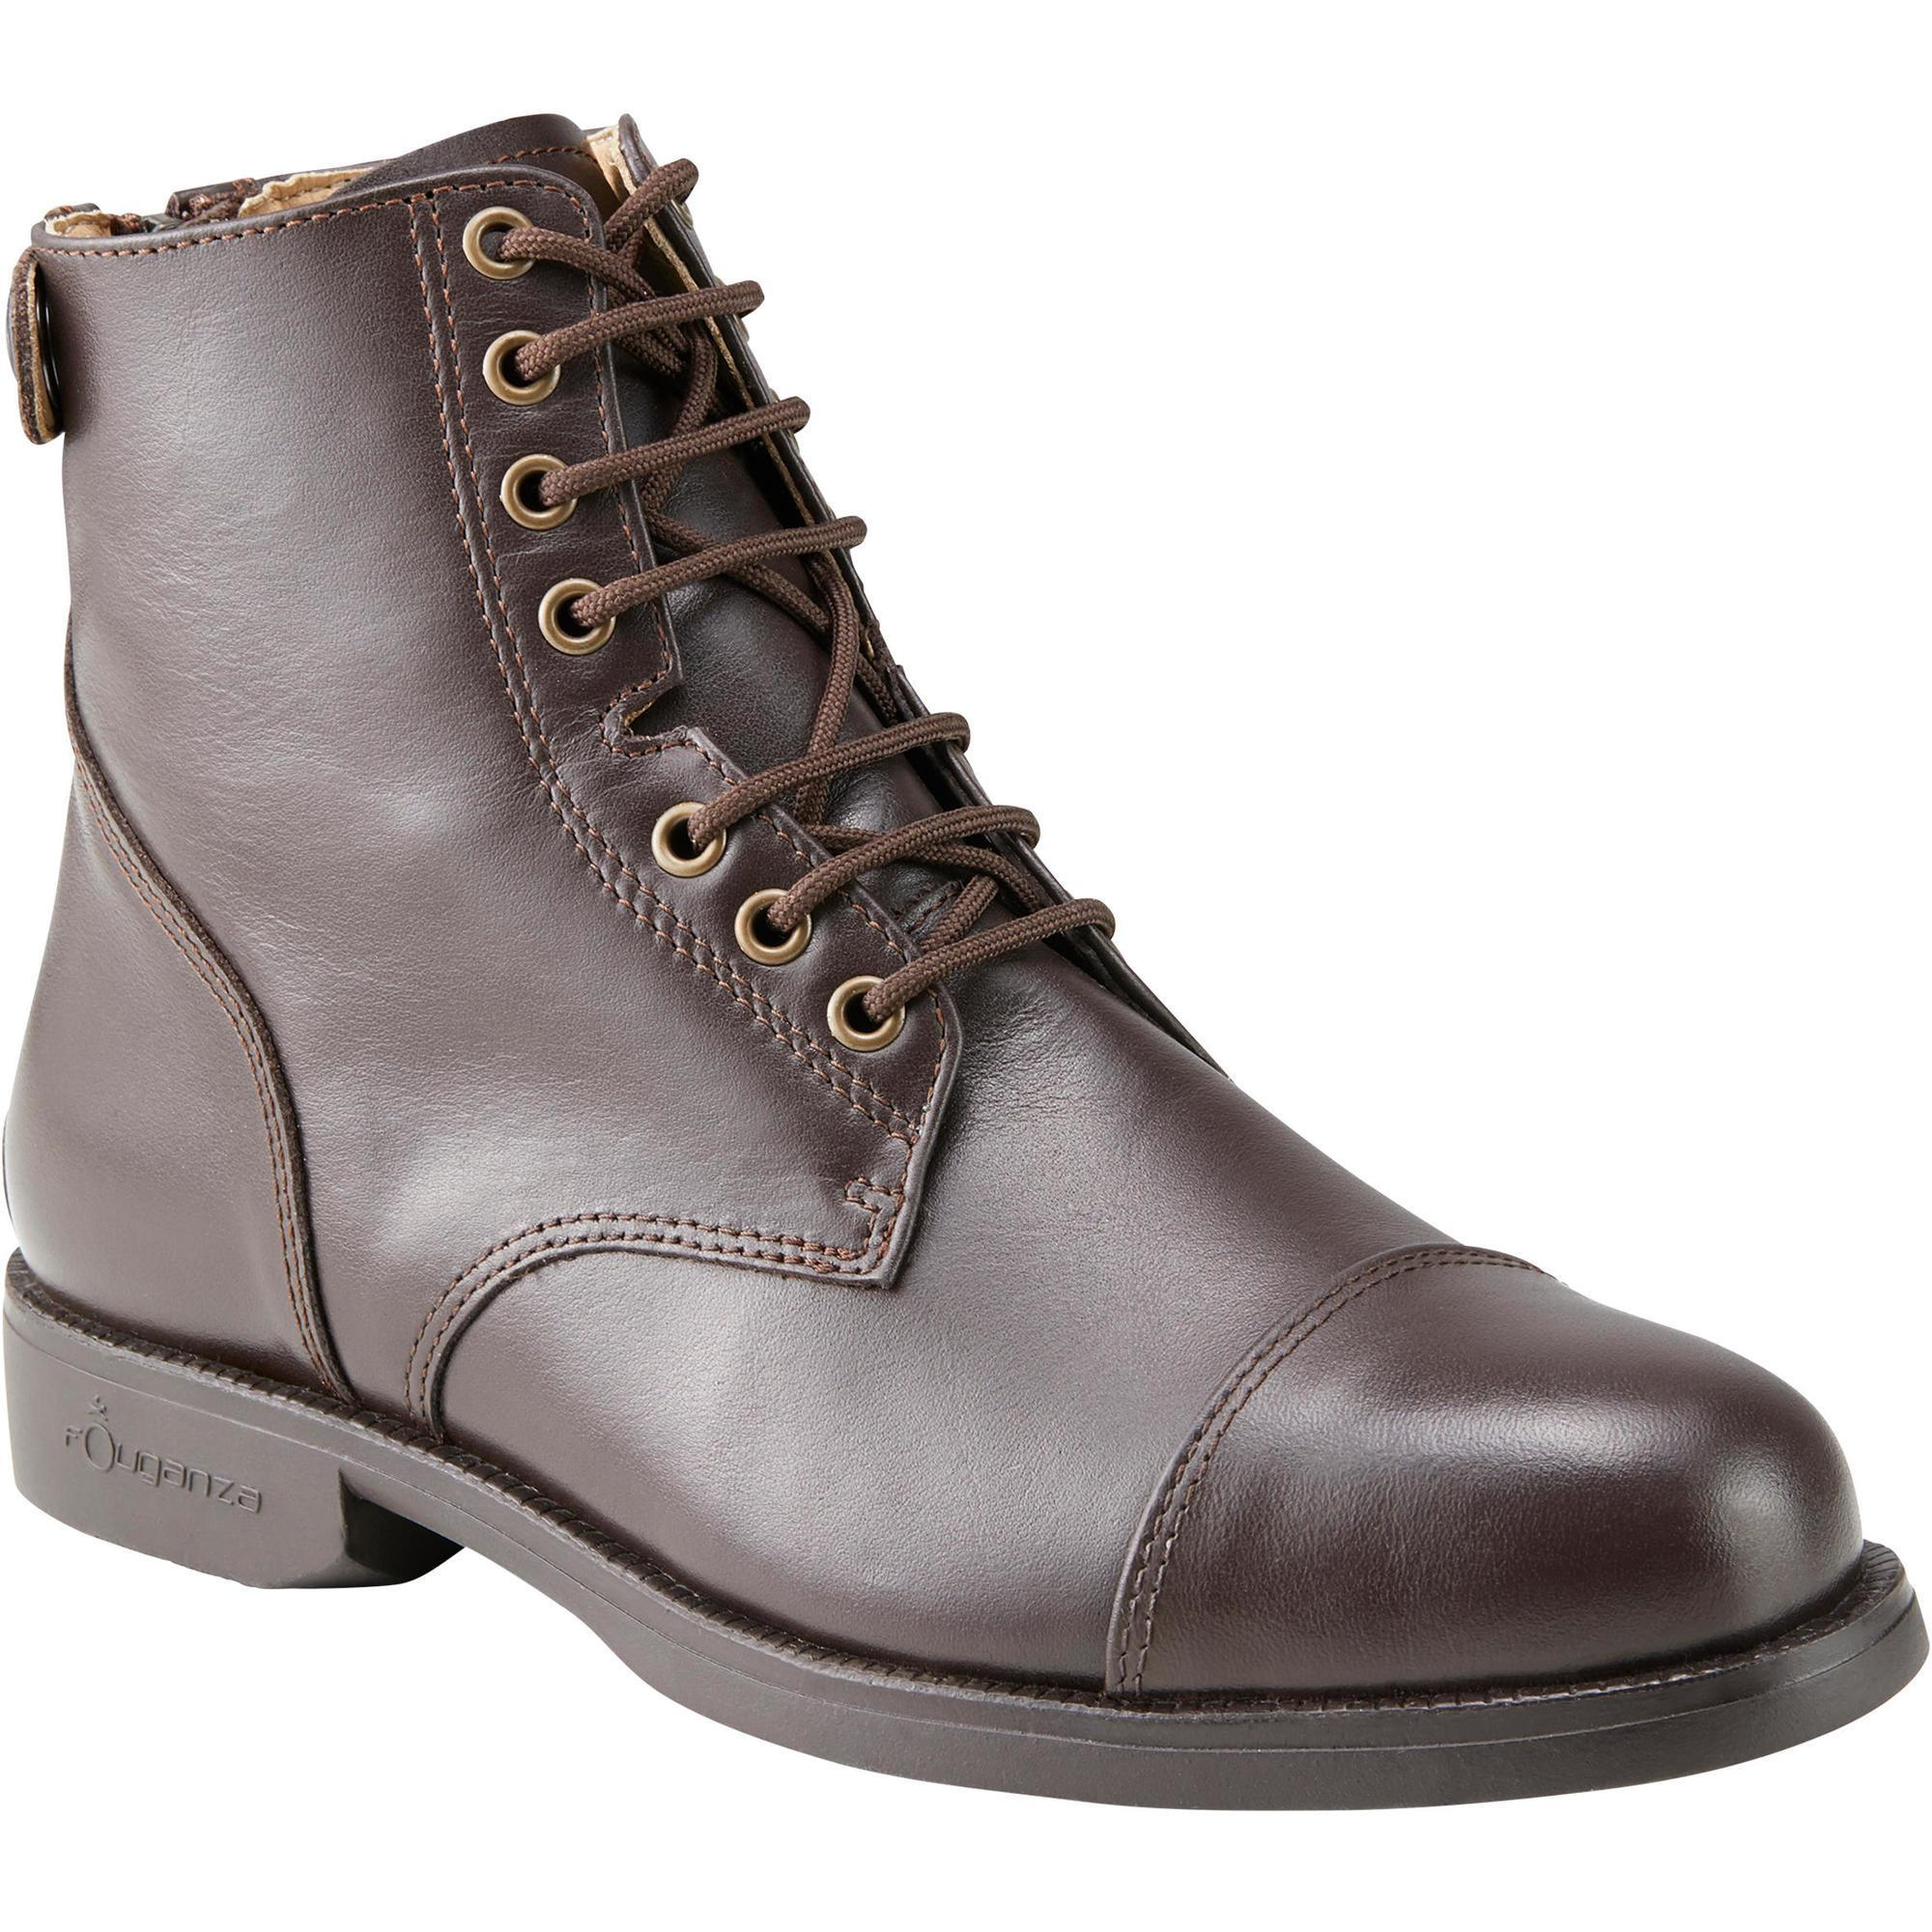 Reitstiefeletten Paddock geschnürt Erwachsene   Schuhe > Sportschuhe   Fouganza